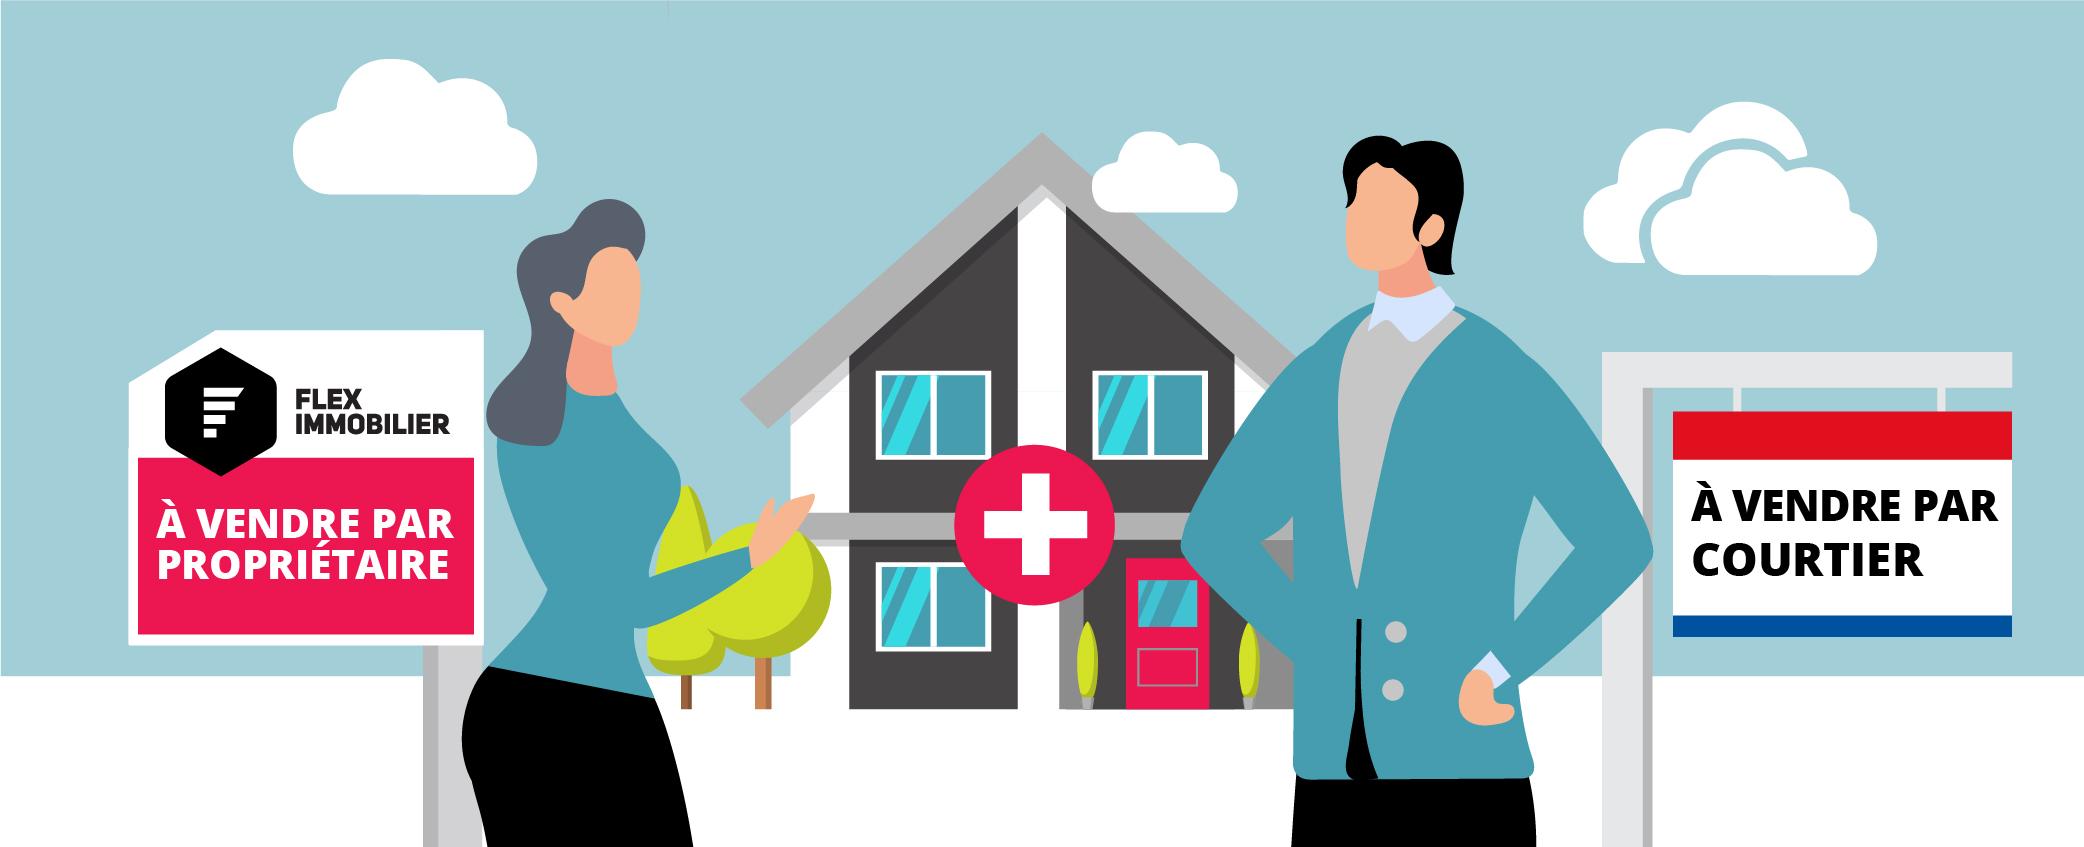 Fleximmobilier Maison à vendre ou à louer par propriétaire avec courtier Forfait Hybride